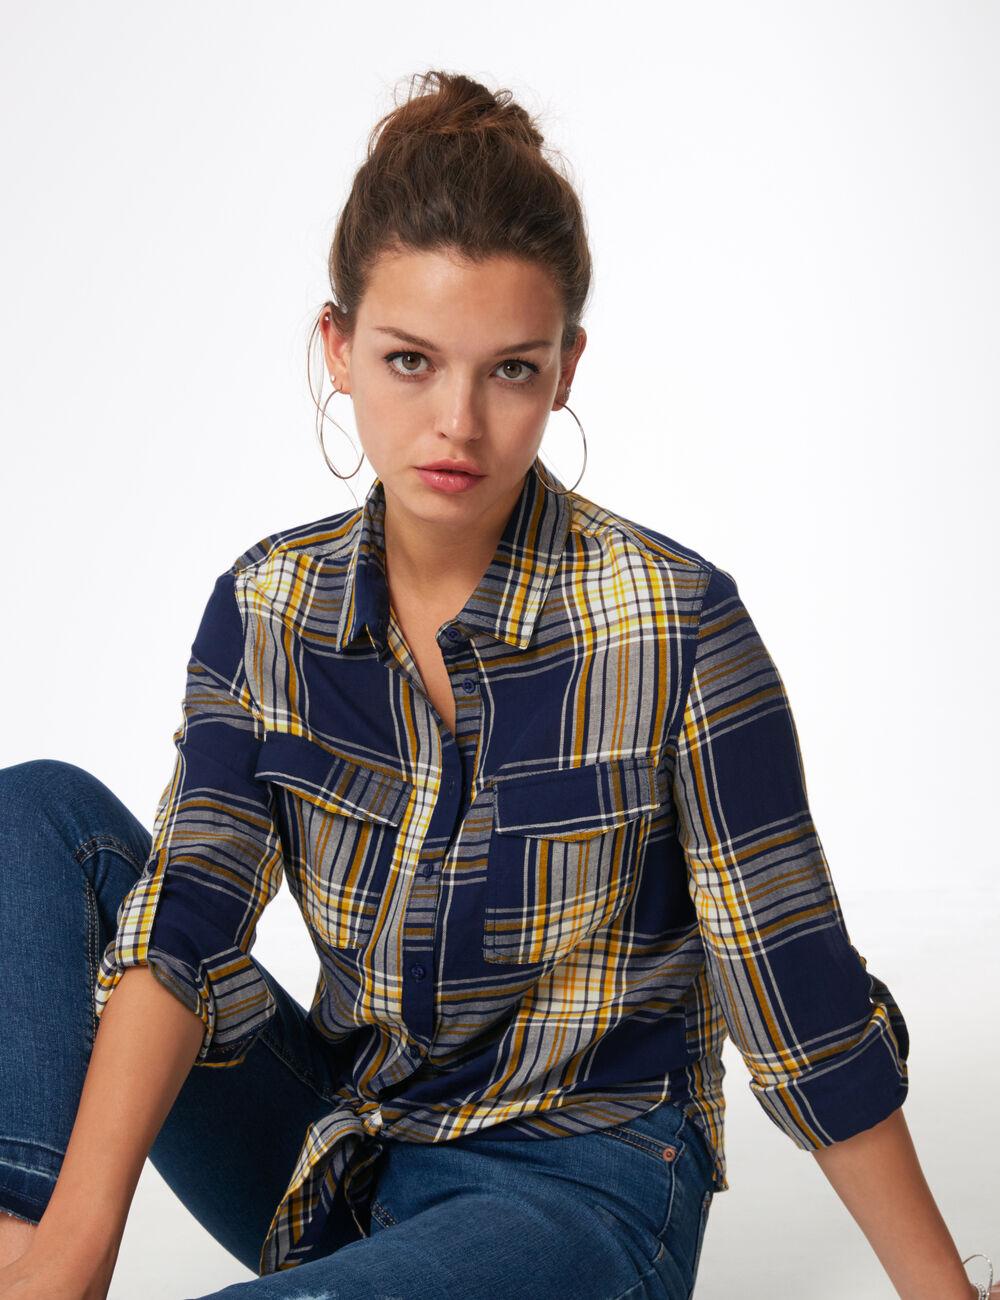 United Authentique & Superbe Jean Bel Air Noir TachetÉ ModÈle Rosa T.40 Latest Fashion Other Women's Clothing